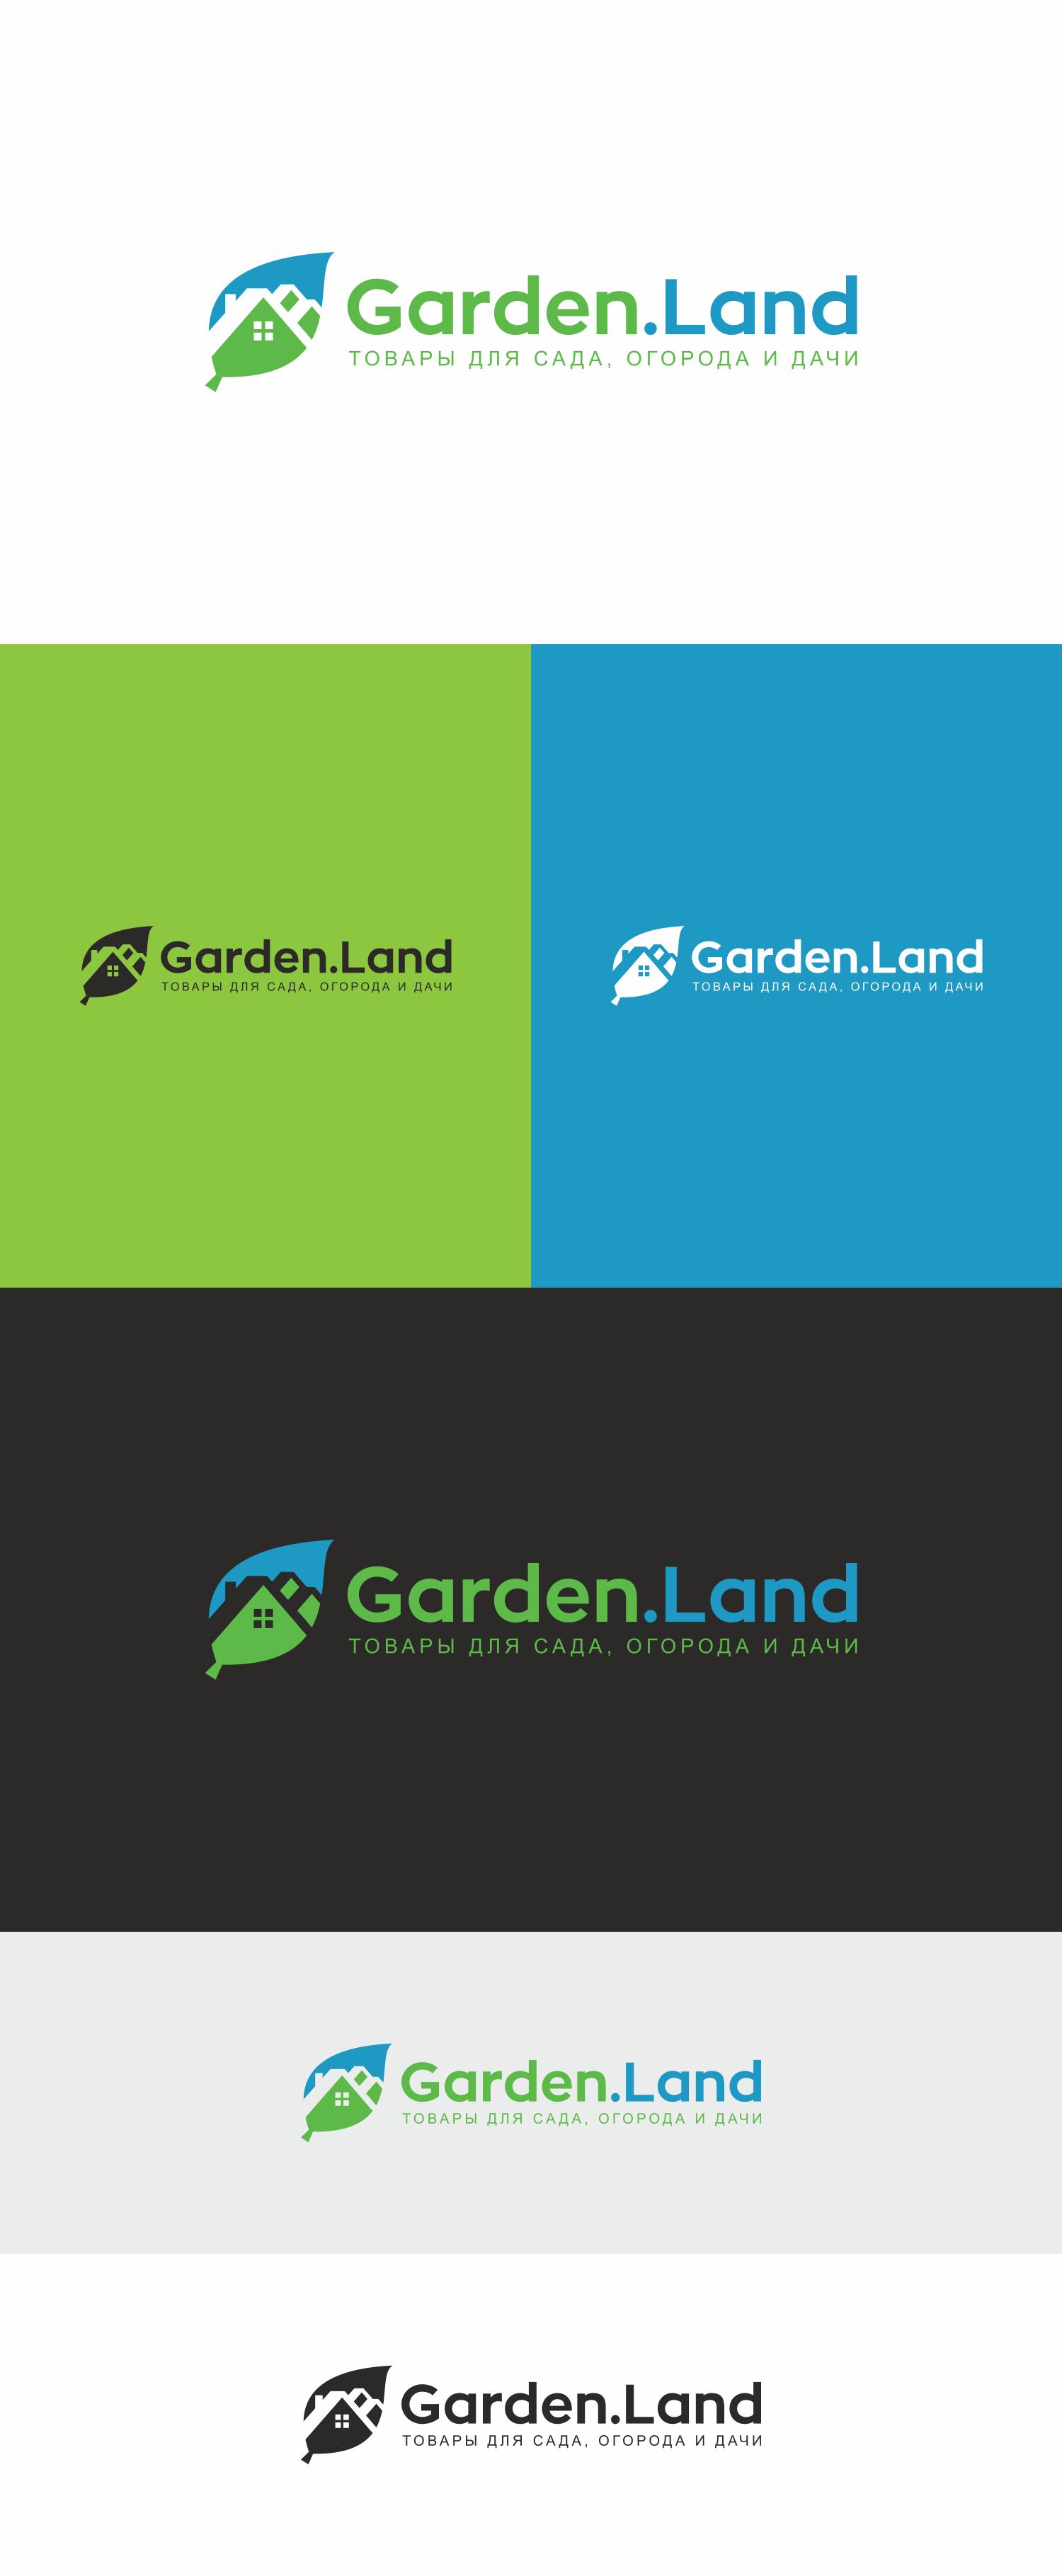 Создание логотипа компании Garden.Land фото f_339598766370d0ff.jpg